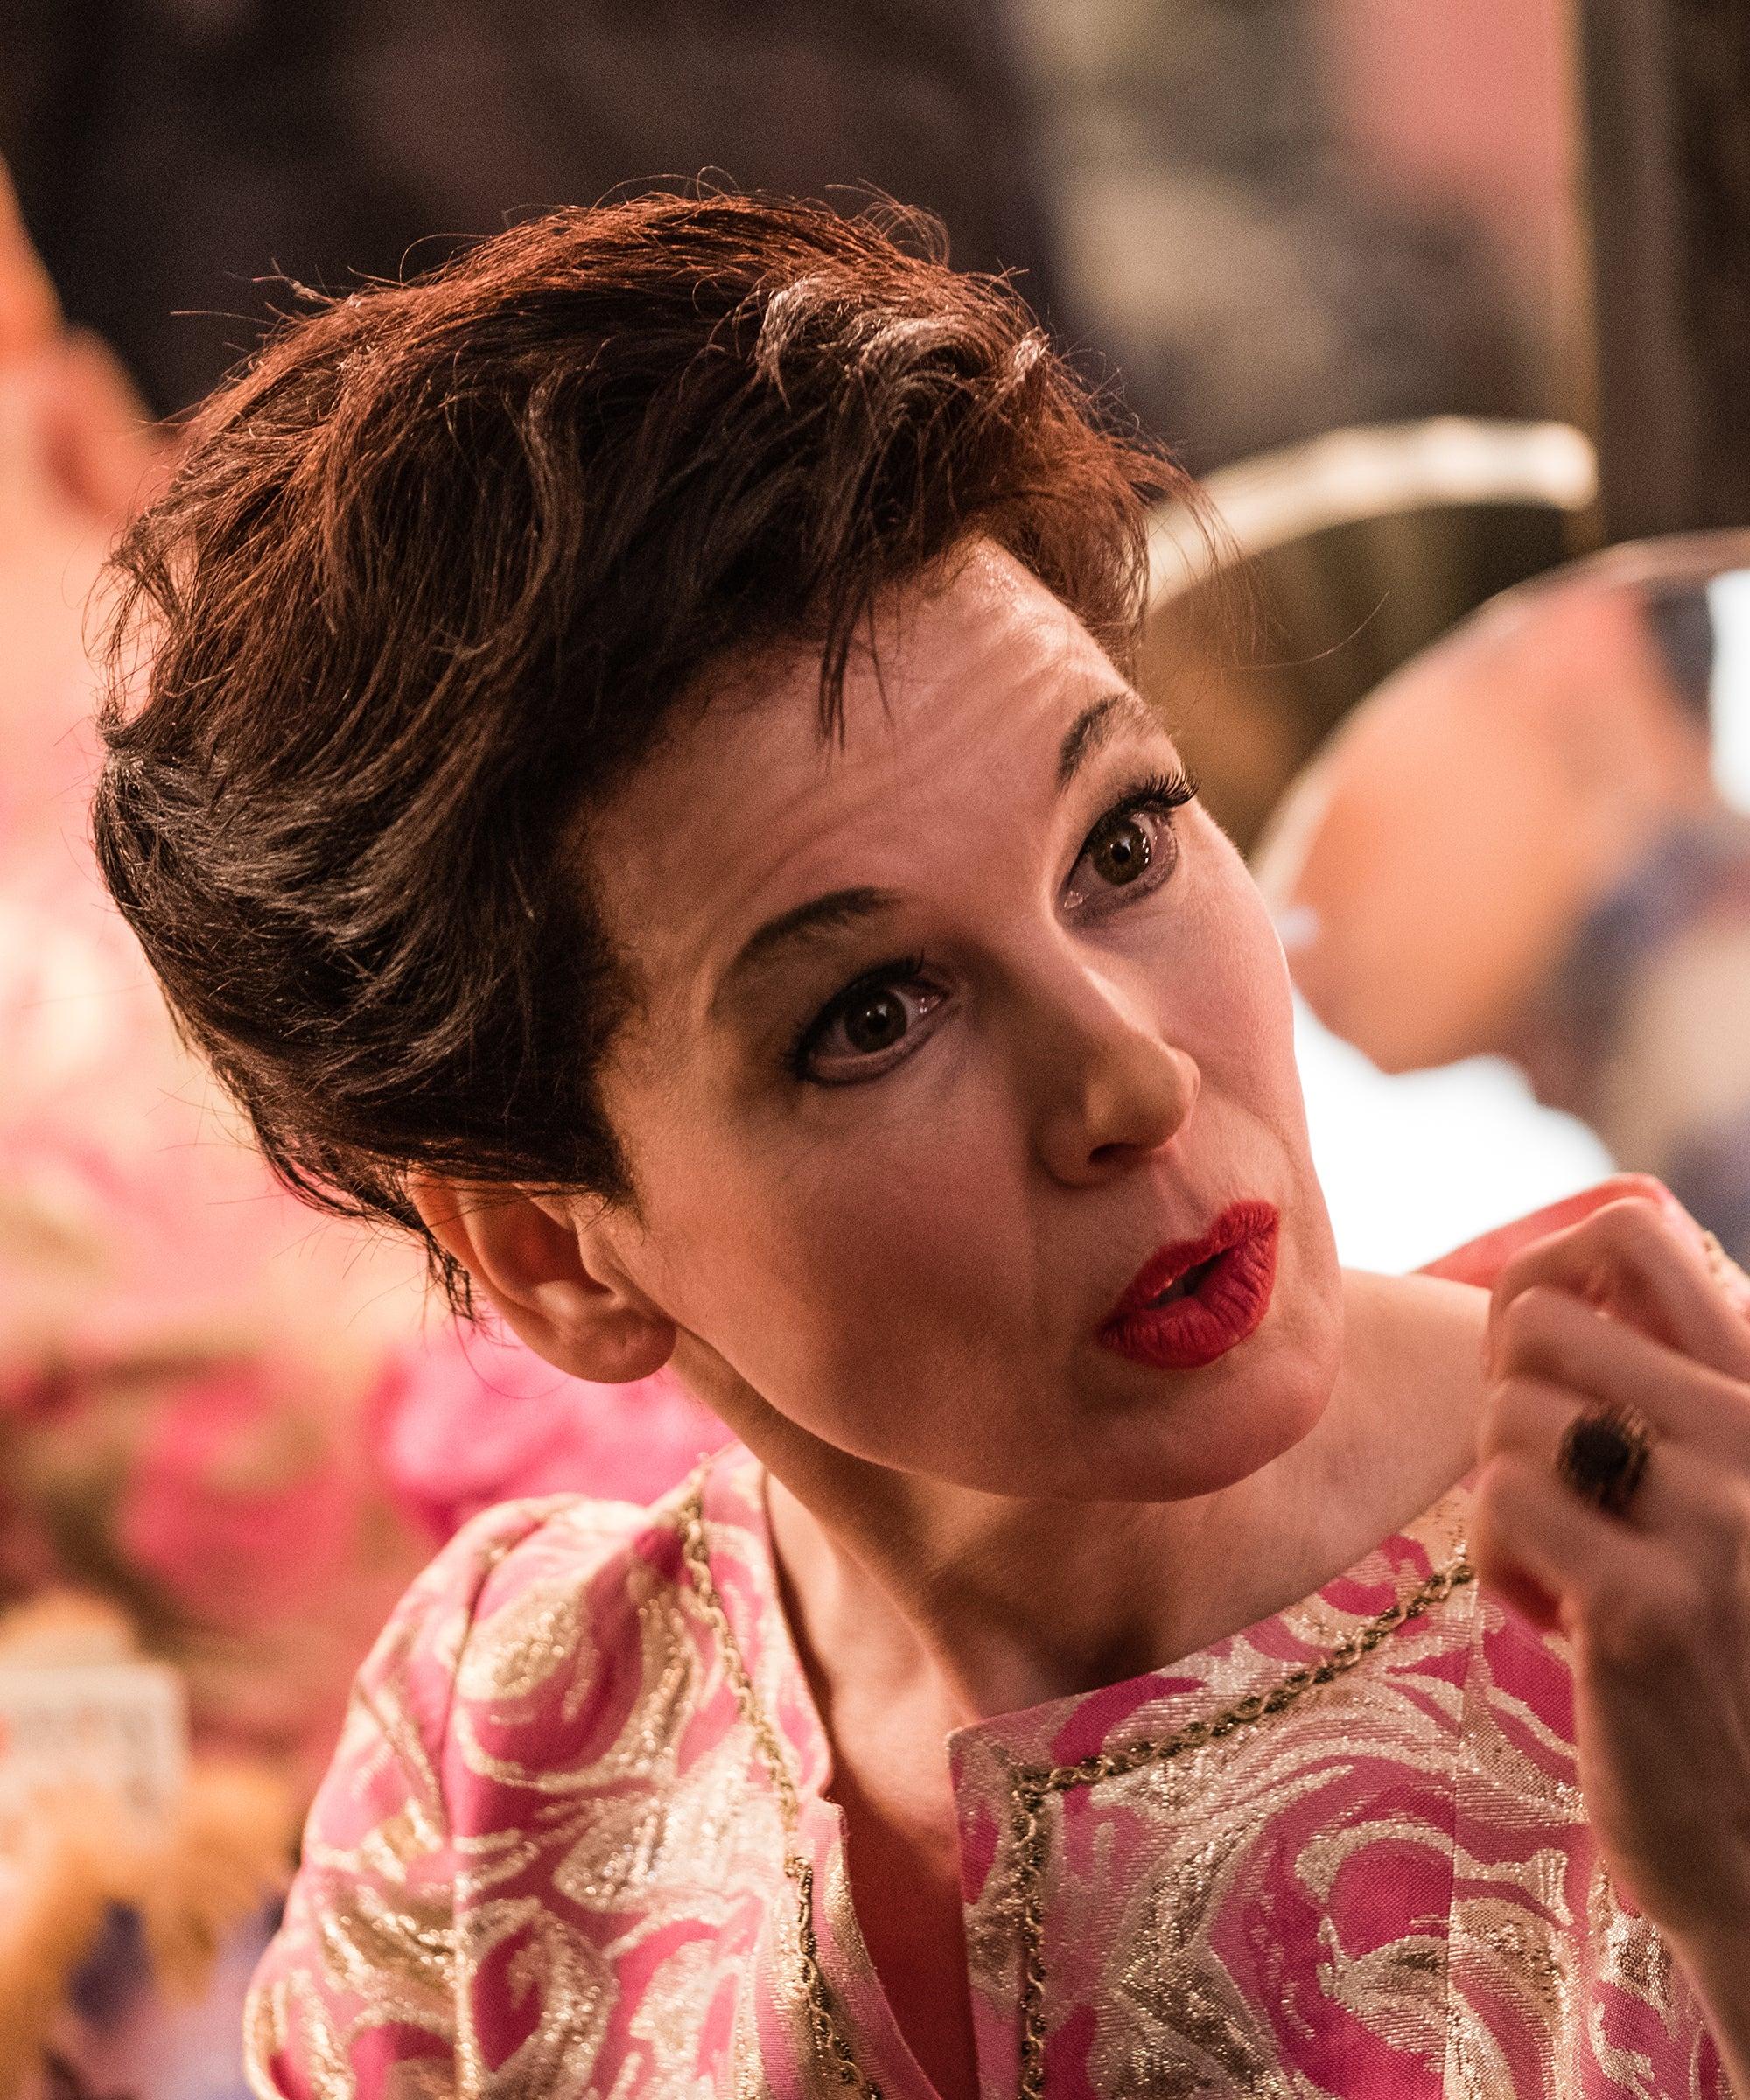 How Renée Zellweger Transformed Into Judy Garland For Judy